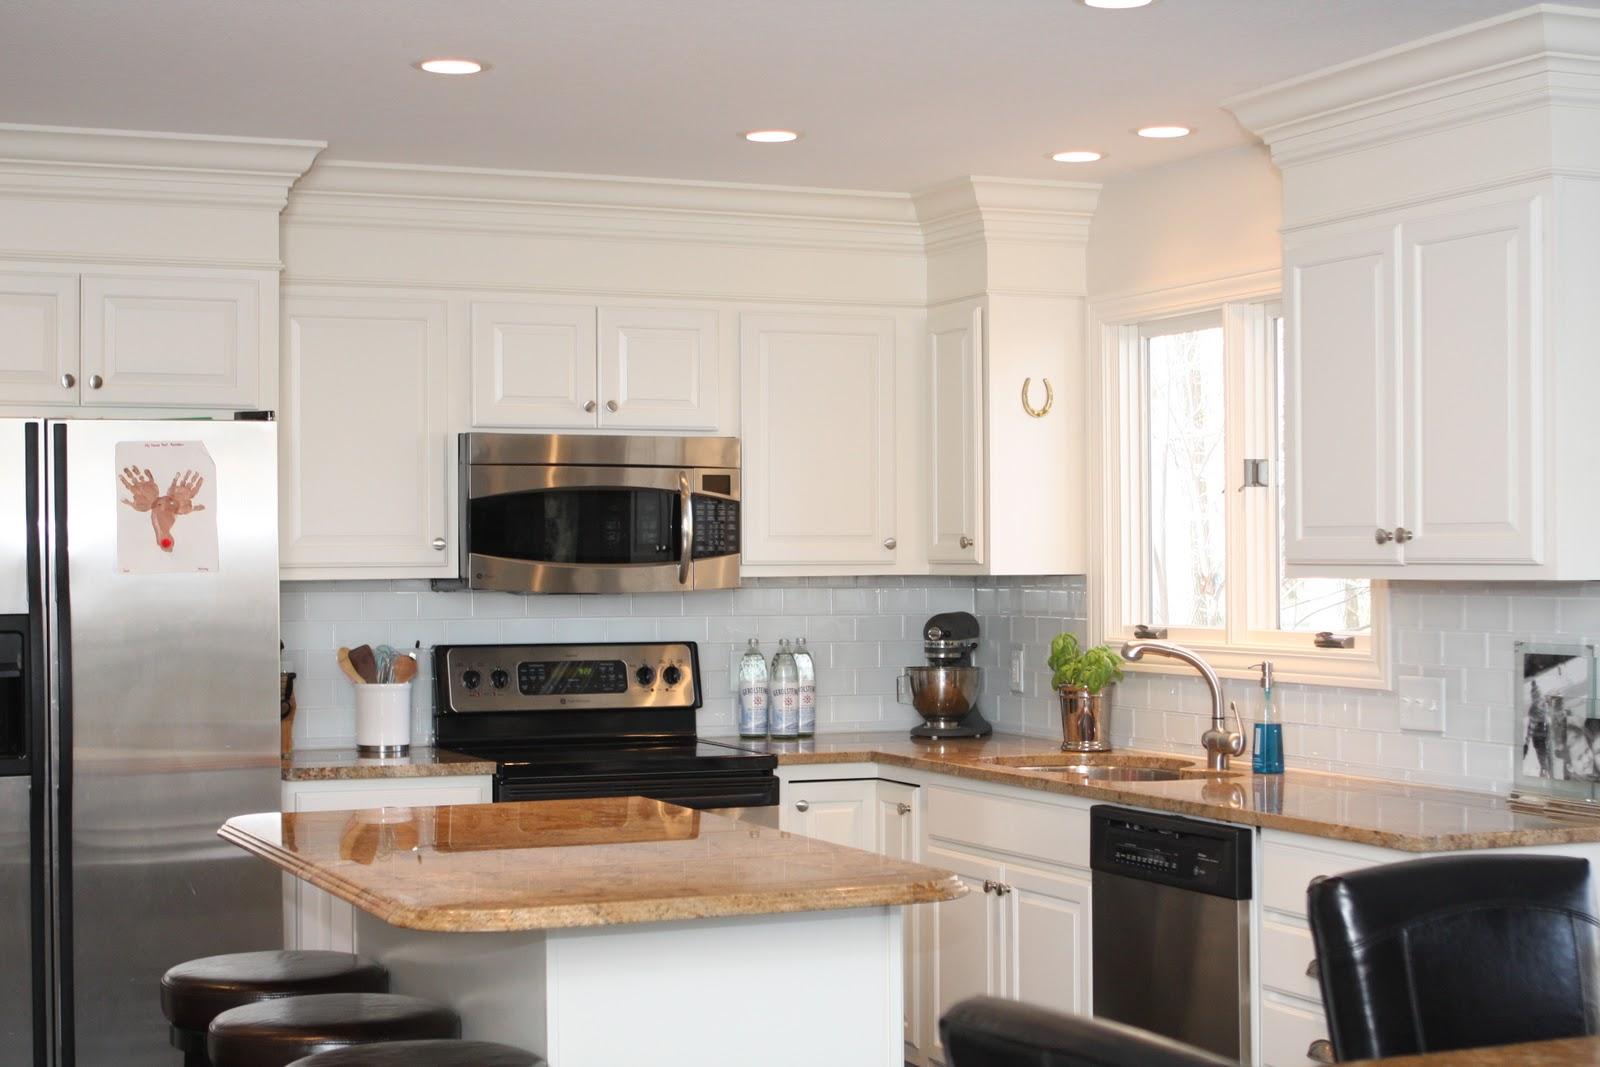 Jennifer V Designs And More Crown In A Kitchen Jennifer V Designs Toledo Oh